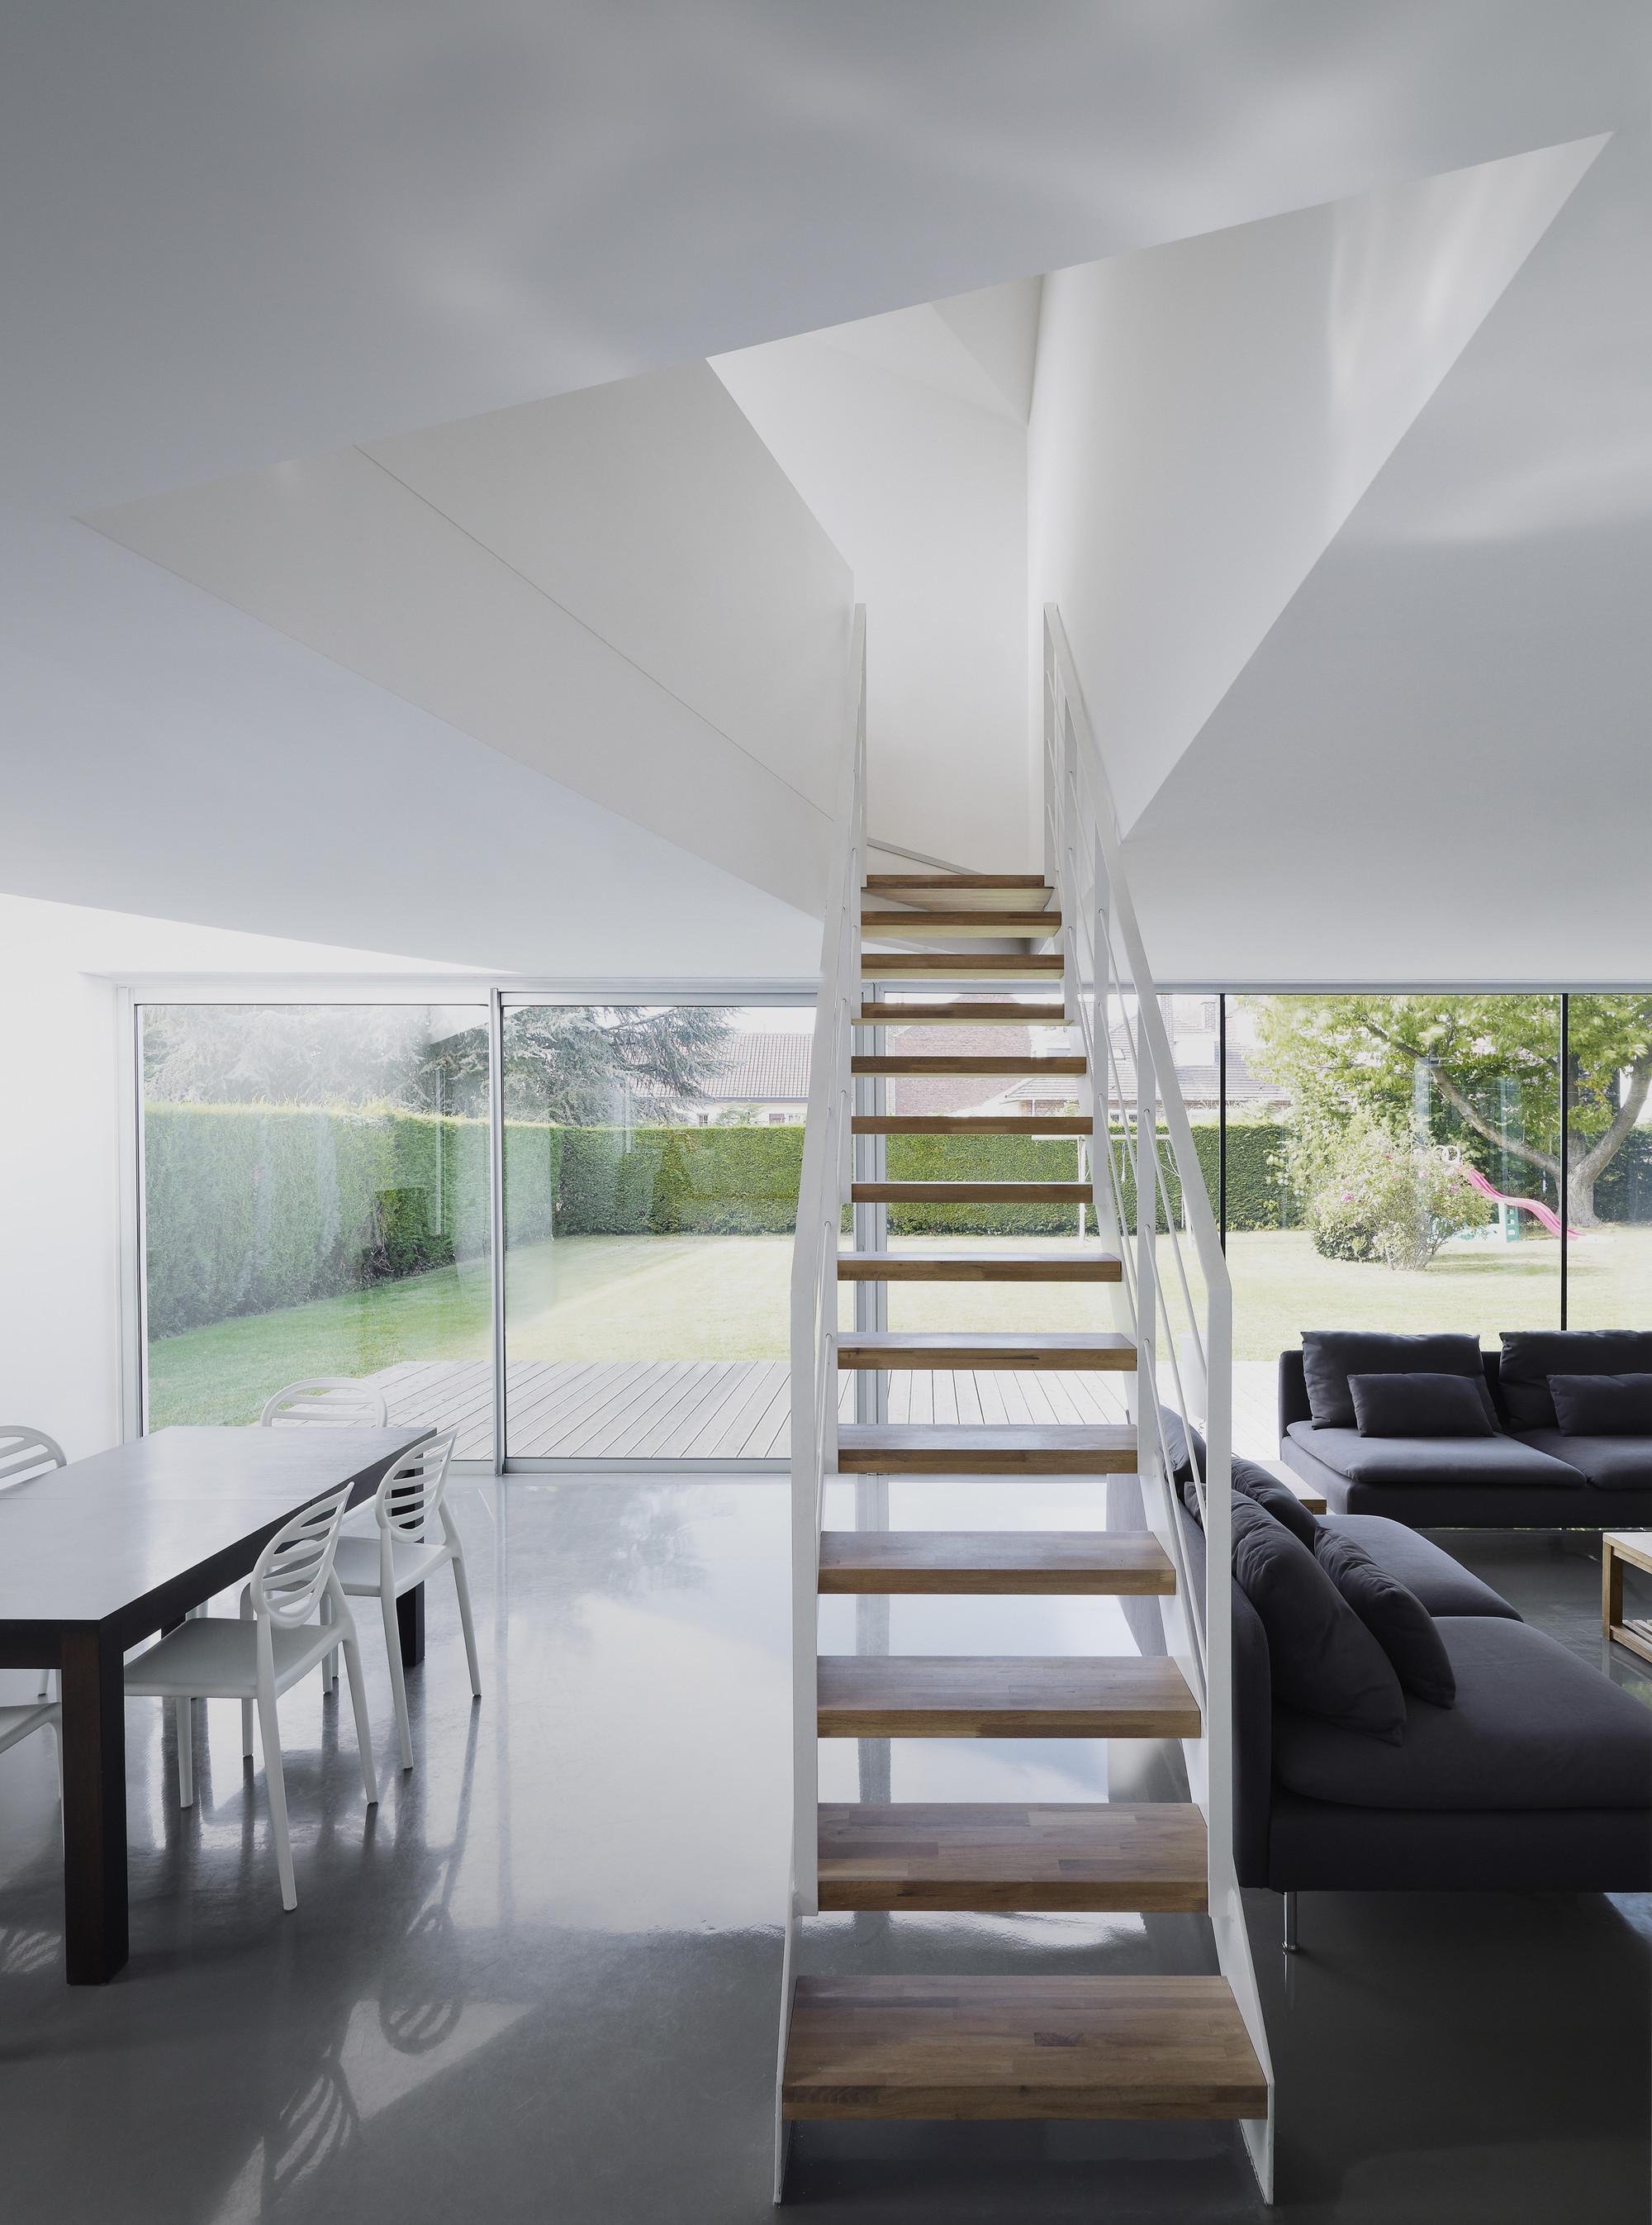 Maison D / Emmanuelle Weiss